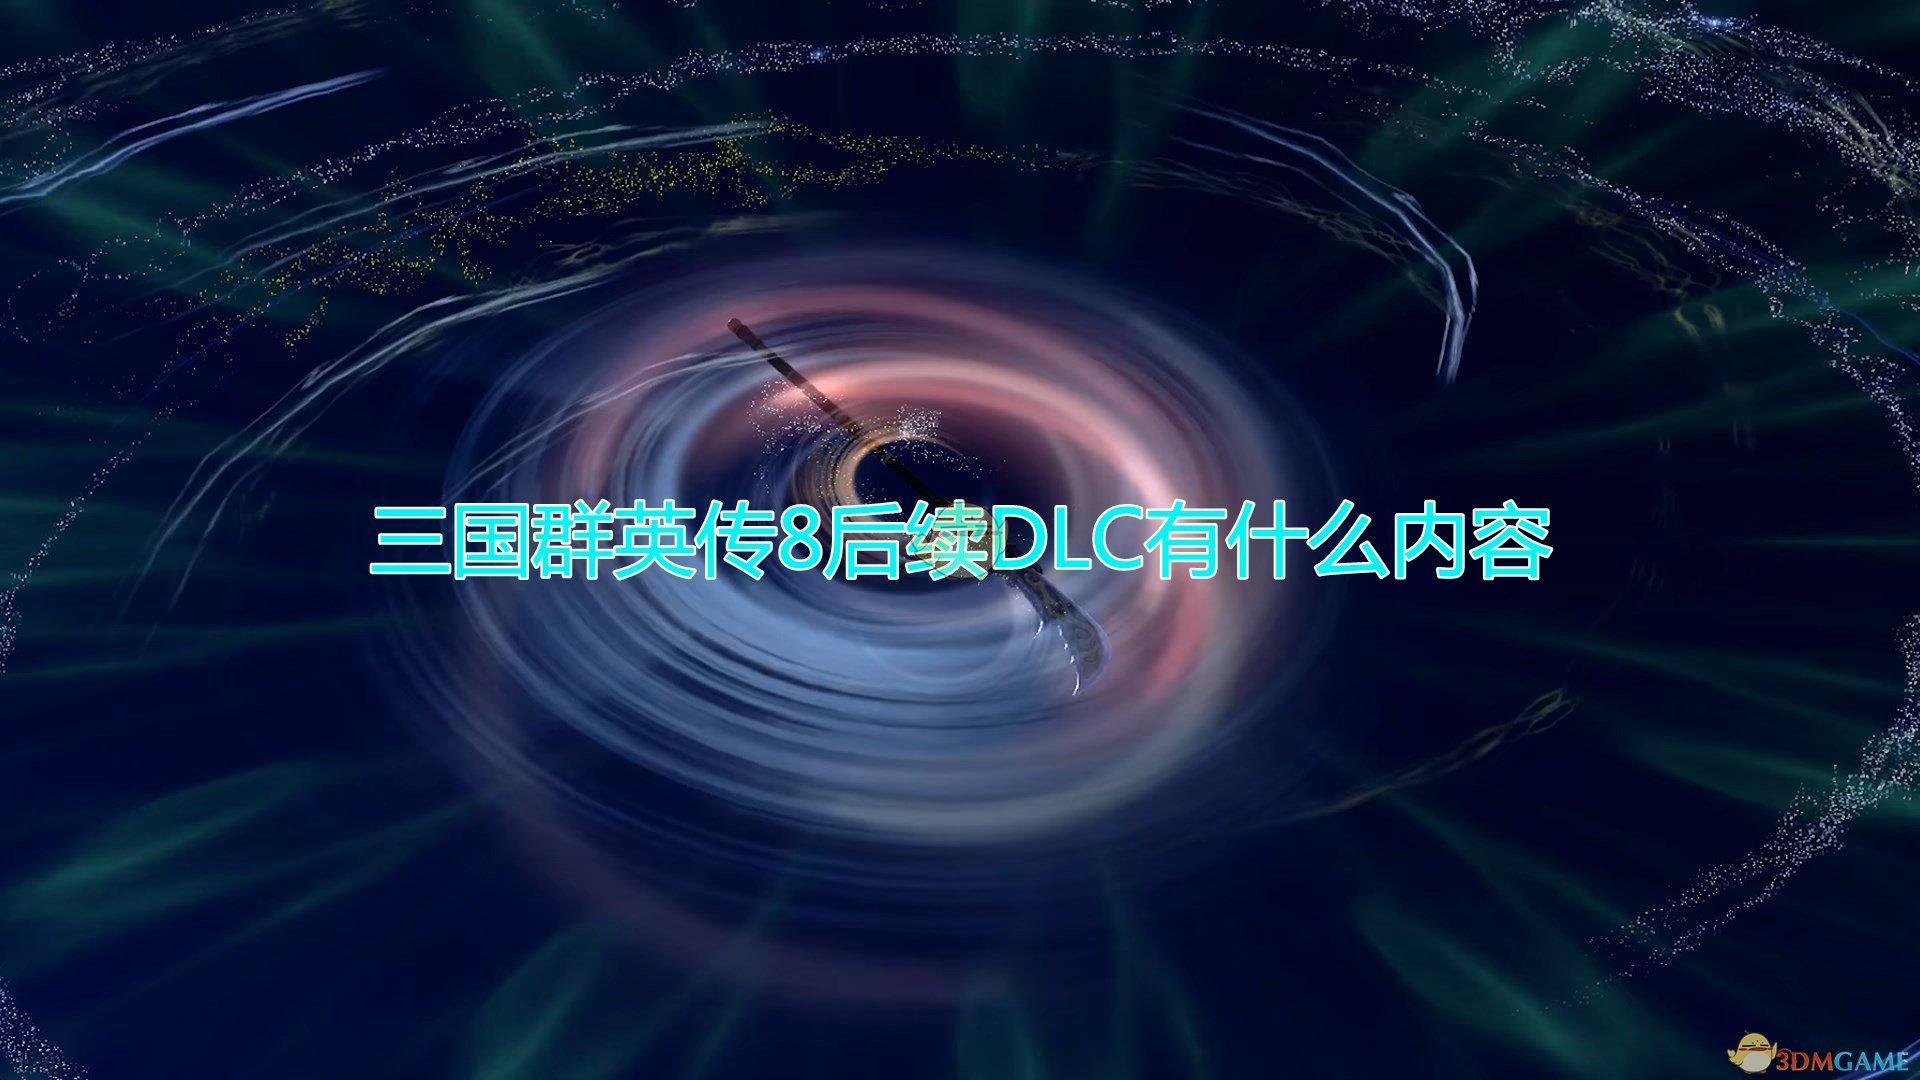 《三国群英传8》后续DLC内容一览